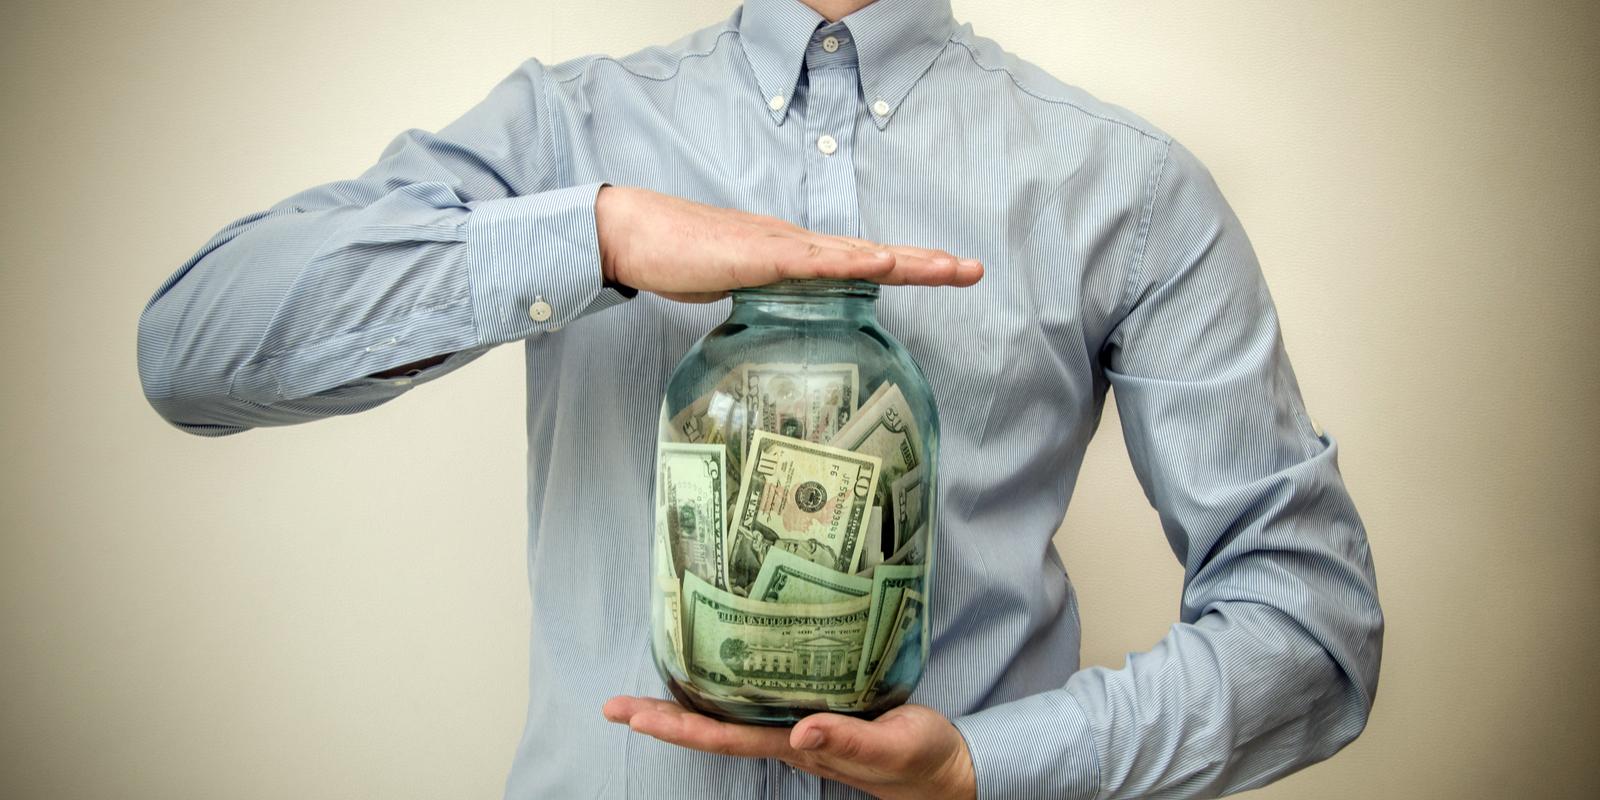 """Presidente del BCE: """"Nosotros Debería ser más feliz tener un trabajo que tener nuestros ahorros protegidos """""""" width = """"1600"""" height = """"800"""" srcset = """"https://news.bitcoin.com/wp-content/uploads/2019/10/shutterstock_451082635. jpg 1600w, https://news.bitcoin.com/wp-content/uploads/2019/10/shutterstock_451082635-300x150.jpg 300w, https://news.bitcoin.com/wp-content/uploads/2019/10/ shutterstock_451082635-768x384.jpg 768w, https://news.bitcoin.com/wp-content/uploads/2019/10/shutterstock_451082635-1024x512.jpg 1024w, https://news.bitcoin.com/wp-content/uploads/ 2019/10 / shutterstock_451082635-696x348.jpg 696w, https://news.bitcoin.com/wp-content/uploads/2019/10/shutterstock_451082635-1392x696.jpg 1392w, https://news.bitcoin.com/wp- contenido / cargas / 2019/10 / shutterstock_451082635-106 8x534.jpg 1068w, https://news.bitcoin.com/wp-content/uploads/2019/10/shutterstock_451082635-840x420.jpg 840w """"tamaños ="""" (ancho máximo: 1600px) 100vw, 1600px"""